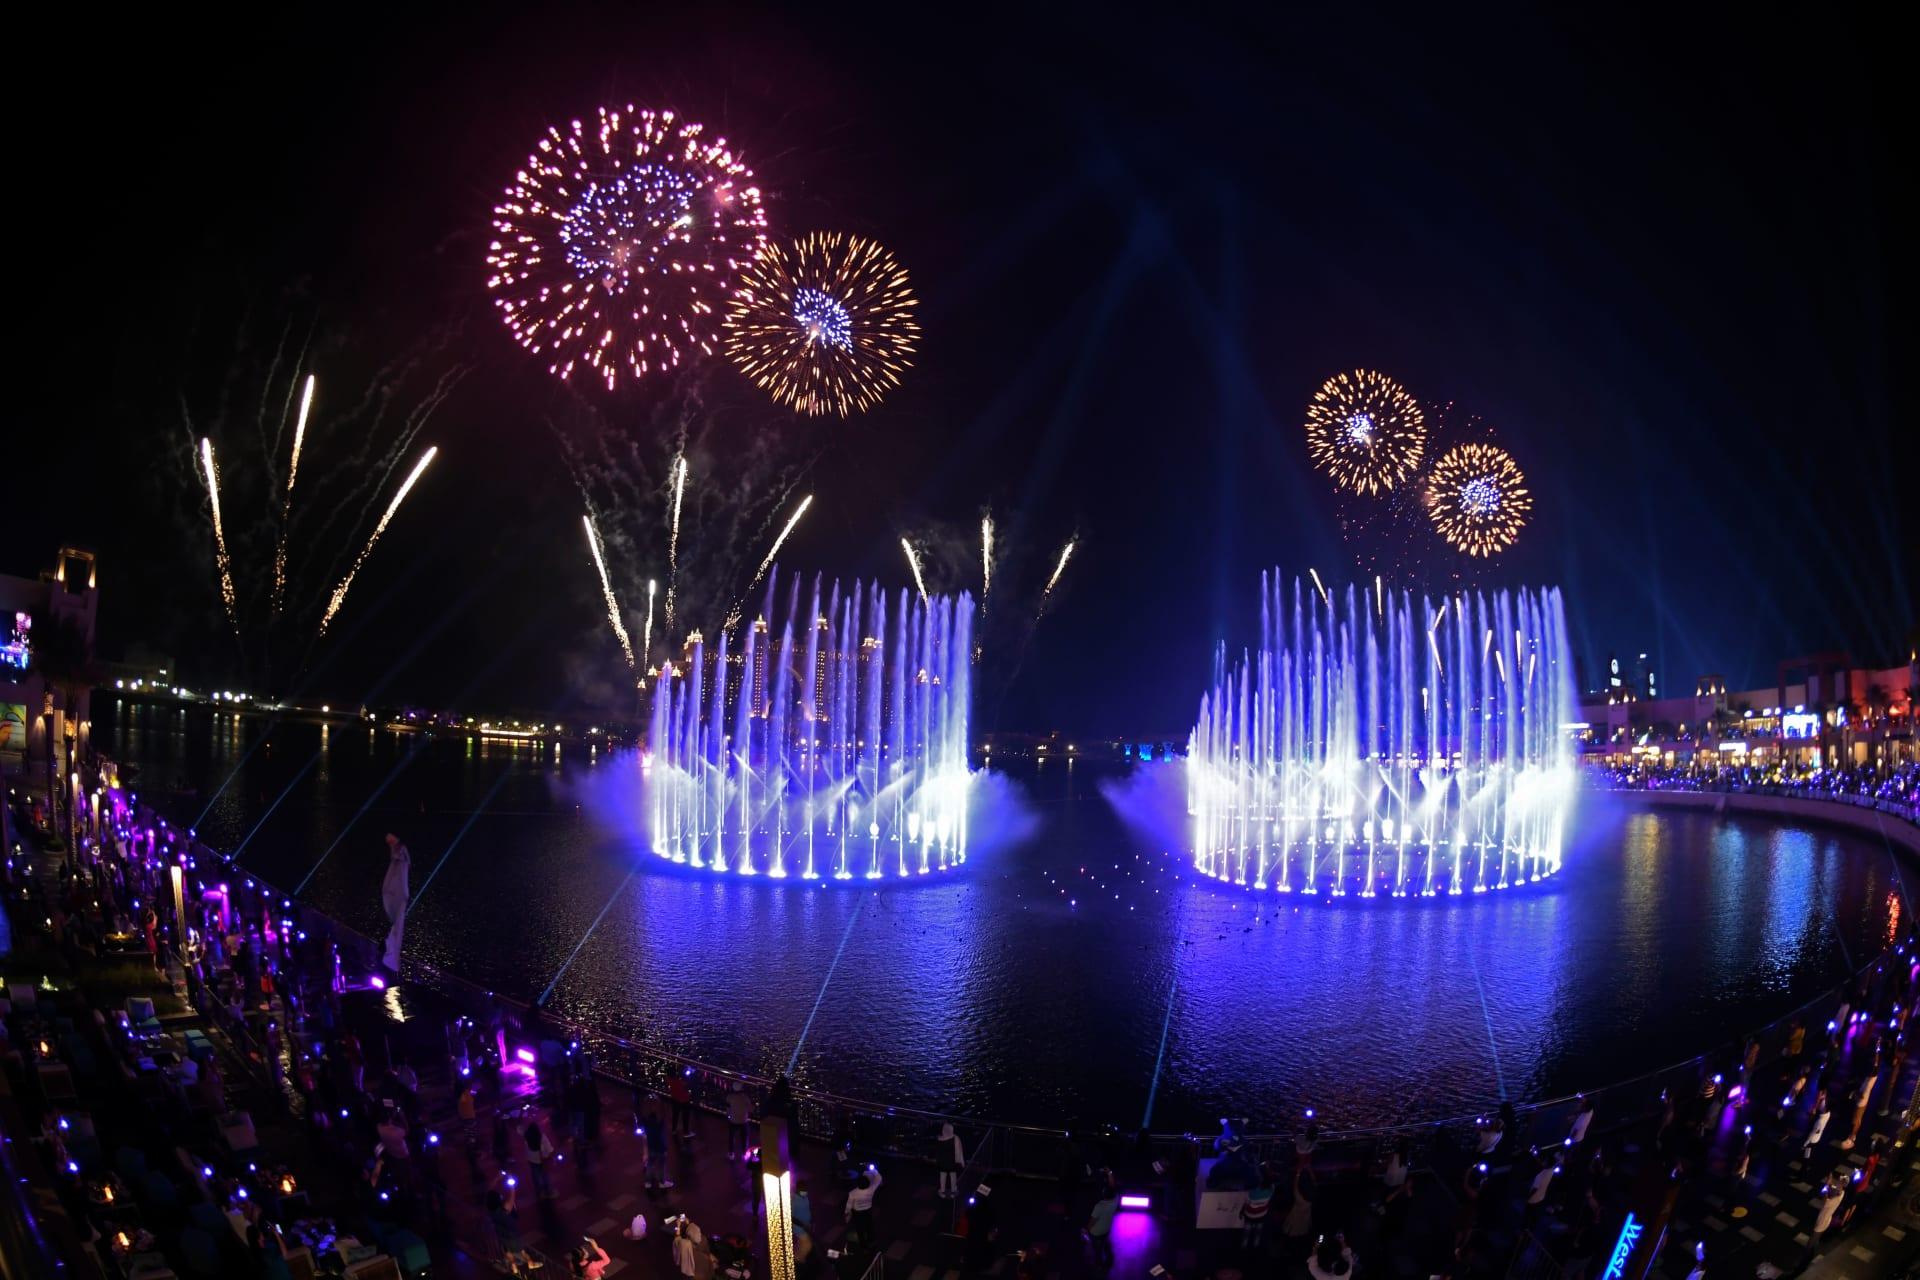 """""""نافورة النخلة"""" في دبي تحط الرقم القياسي لموسوعة غينيس كأكبر نافورة في العالم"""